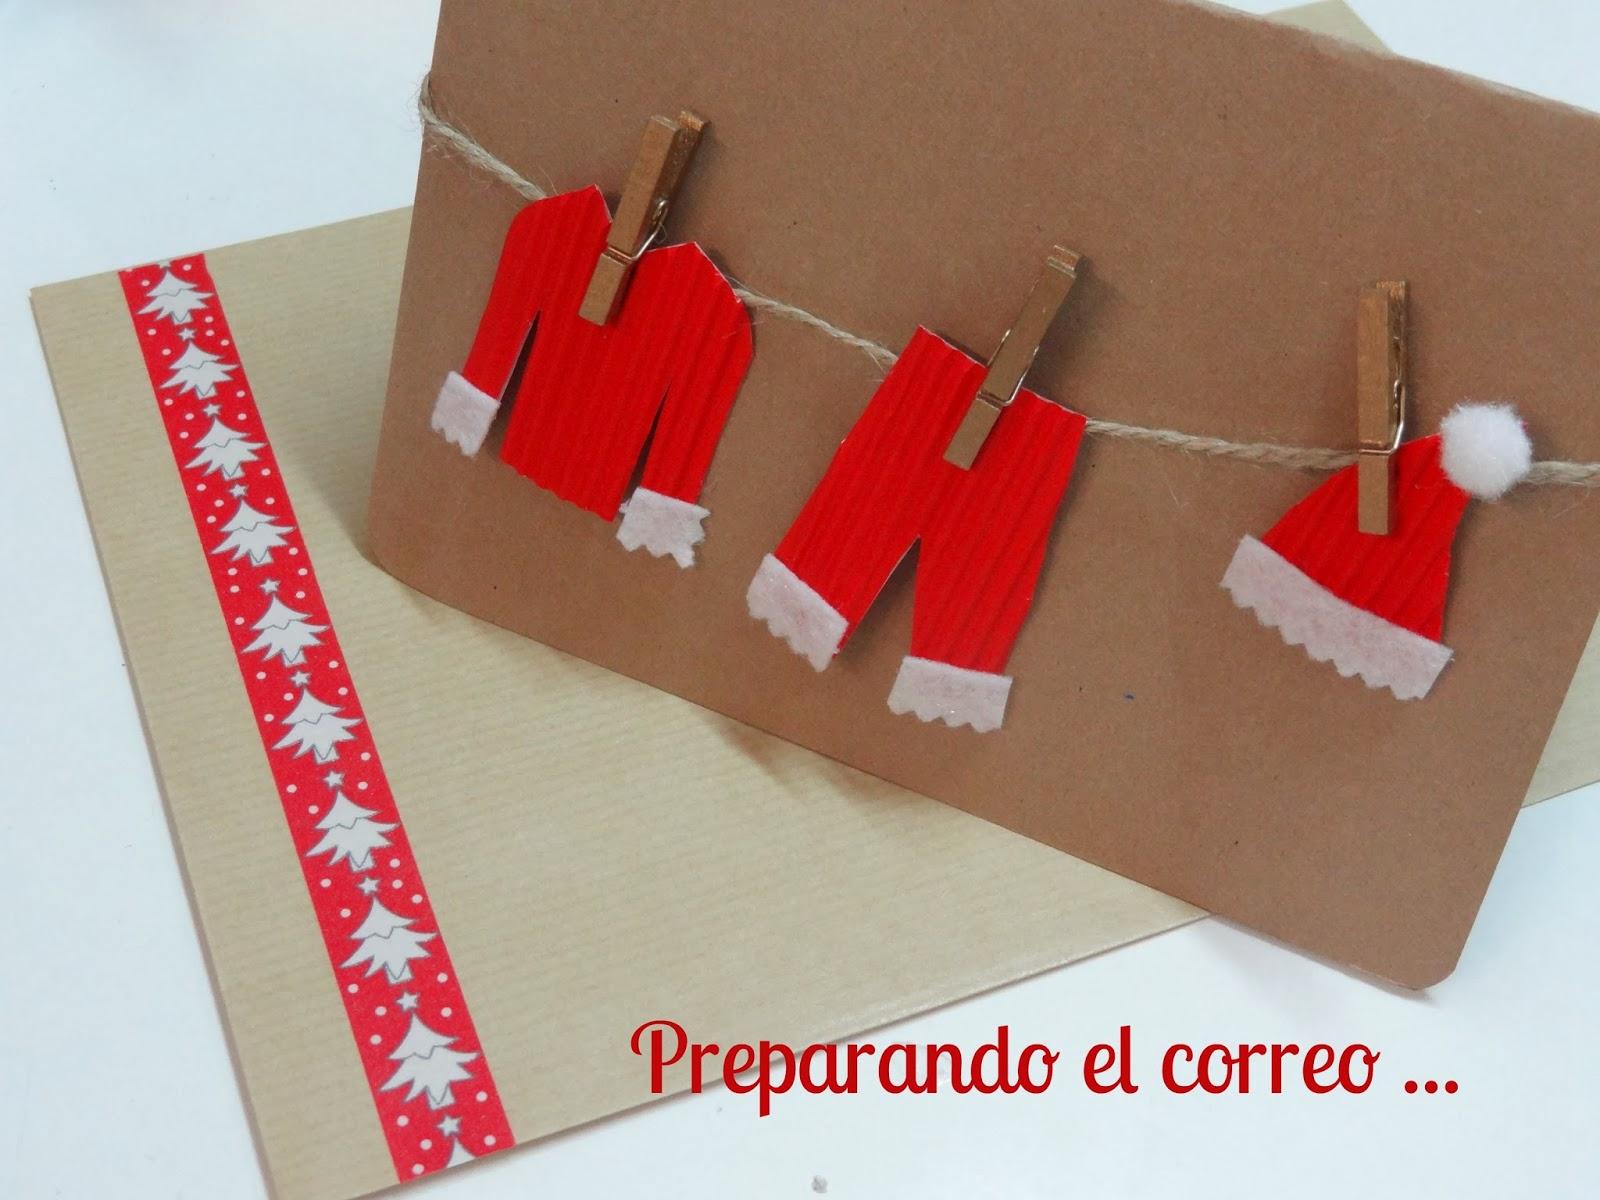 Celebra con ana compartiendo experiencias creativas - Hacer tarjetas de navidad originales ...